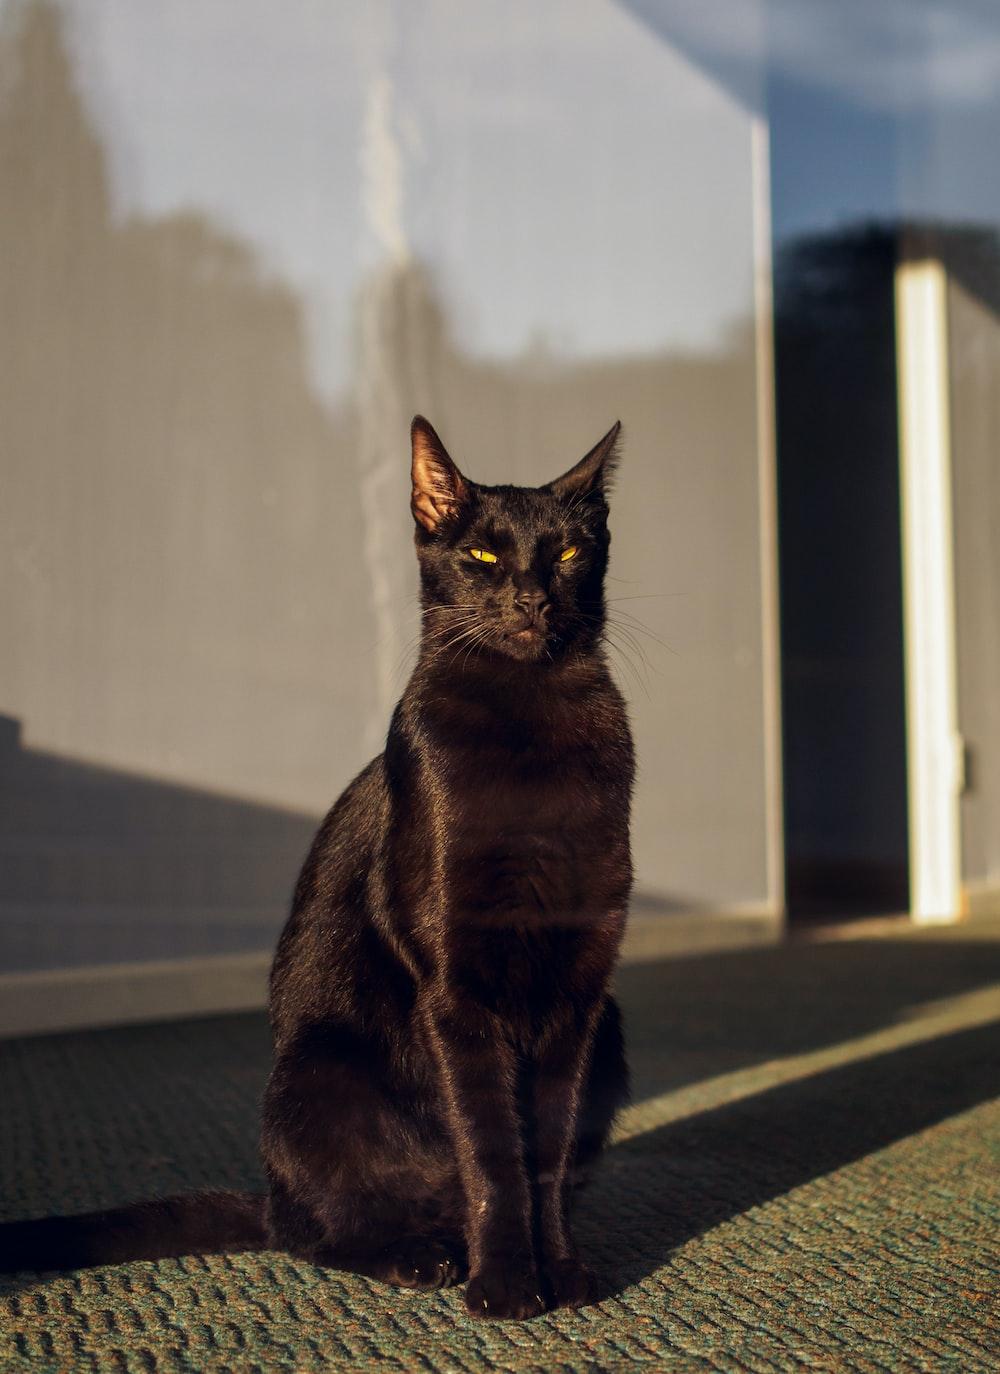 black cat on black and white carpet